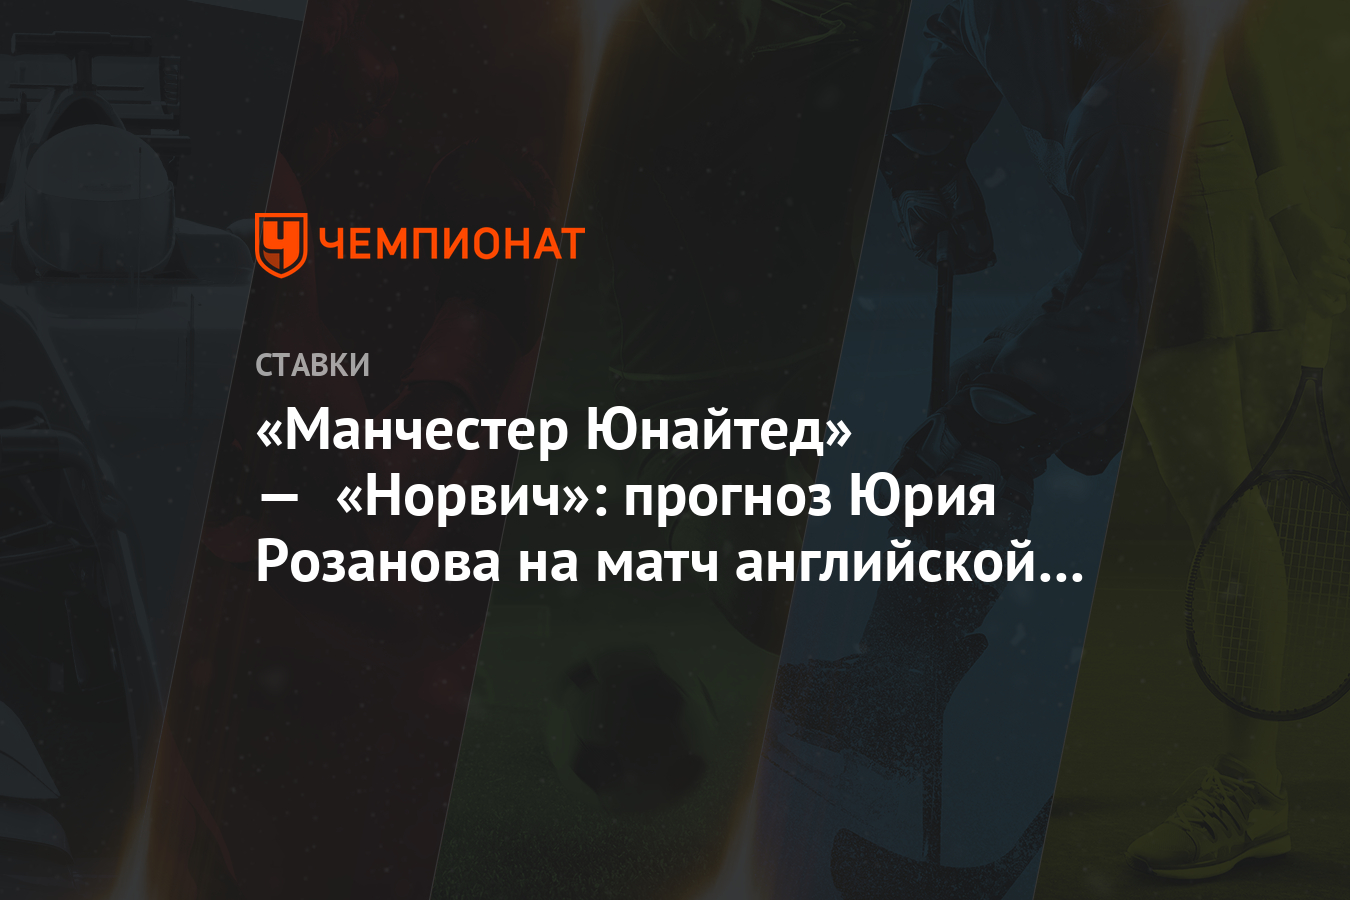 Юрий розанов о манчестер юнайтед